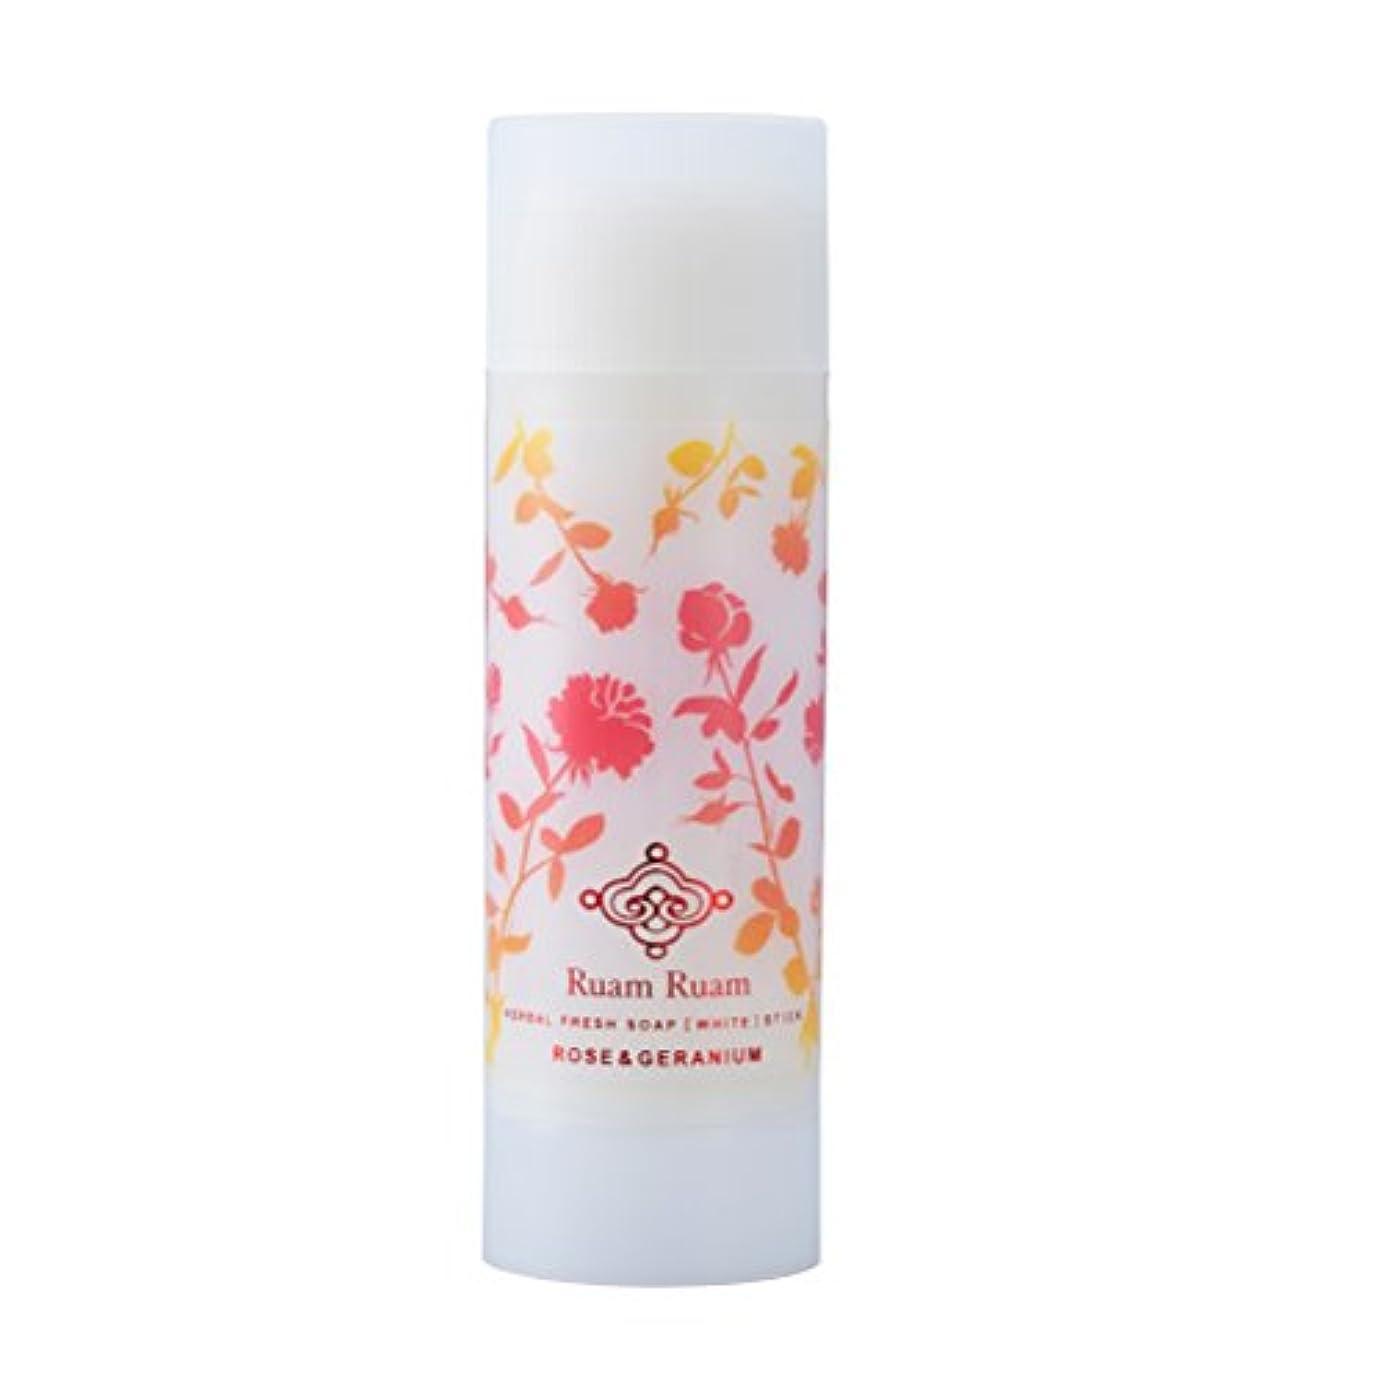 ストローク日常的に娘ルアンルアン(Ruam Ruam) 洗顔石鹸(白) ローズアンドゼラニウム 90g